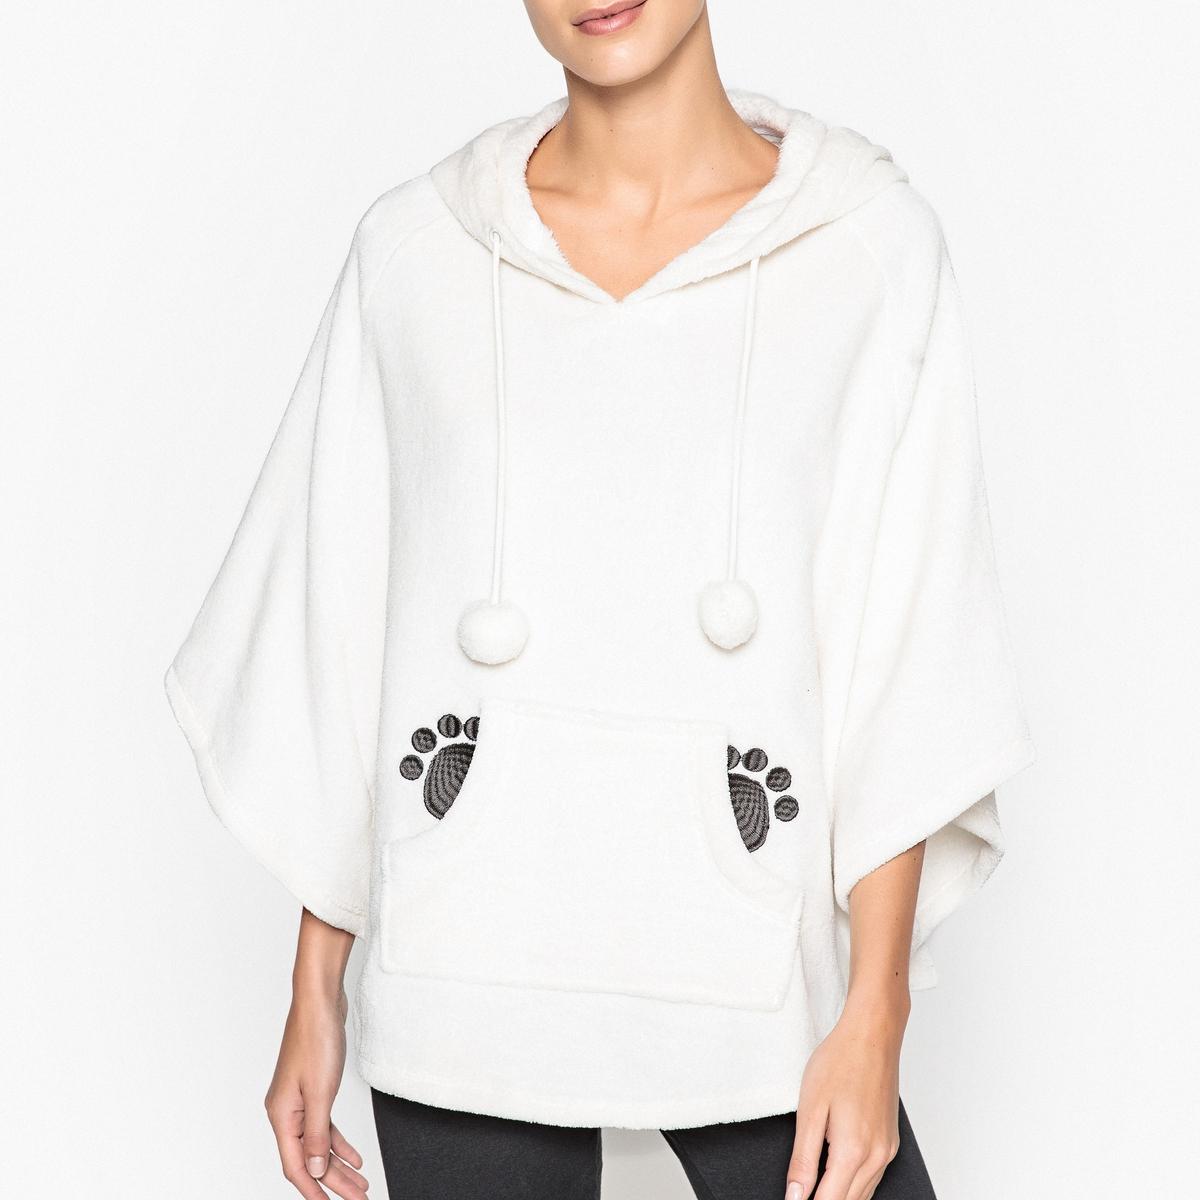 Пончо из флисаПончо в этом сезоне в почете и это очень кстати, так как у Вас есть возможность закутаться в это красивое пончо с капюшоном панда, карманом и помпонами!Состав и описаниеПончо с карманом спереди. Капюшон с ушками. Завязки с помпонамиМатериал : 100% полиэстерРазмеры : 70 смУход : Стирать с вещами схожих цветов..Стирать и сушить с изнаночной стороны<br><br>Цвет: белый<br>Размер: 38/40 (FR) - 44/46 (RUS).42/44 (FR) - 48/50 (RUS).46/48 (FR) - 52/54 (RUS)